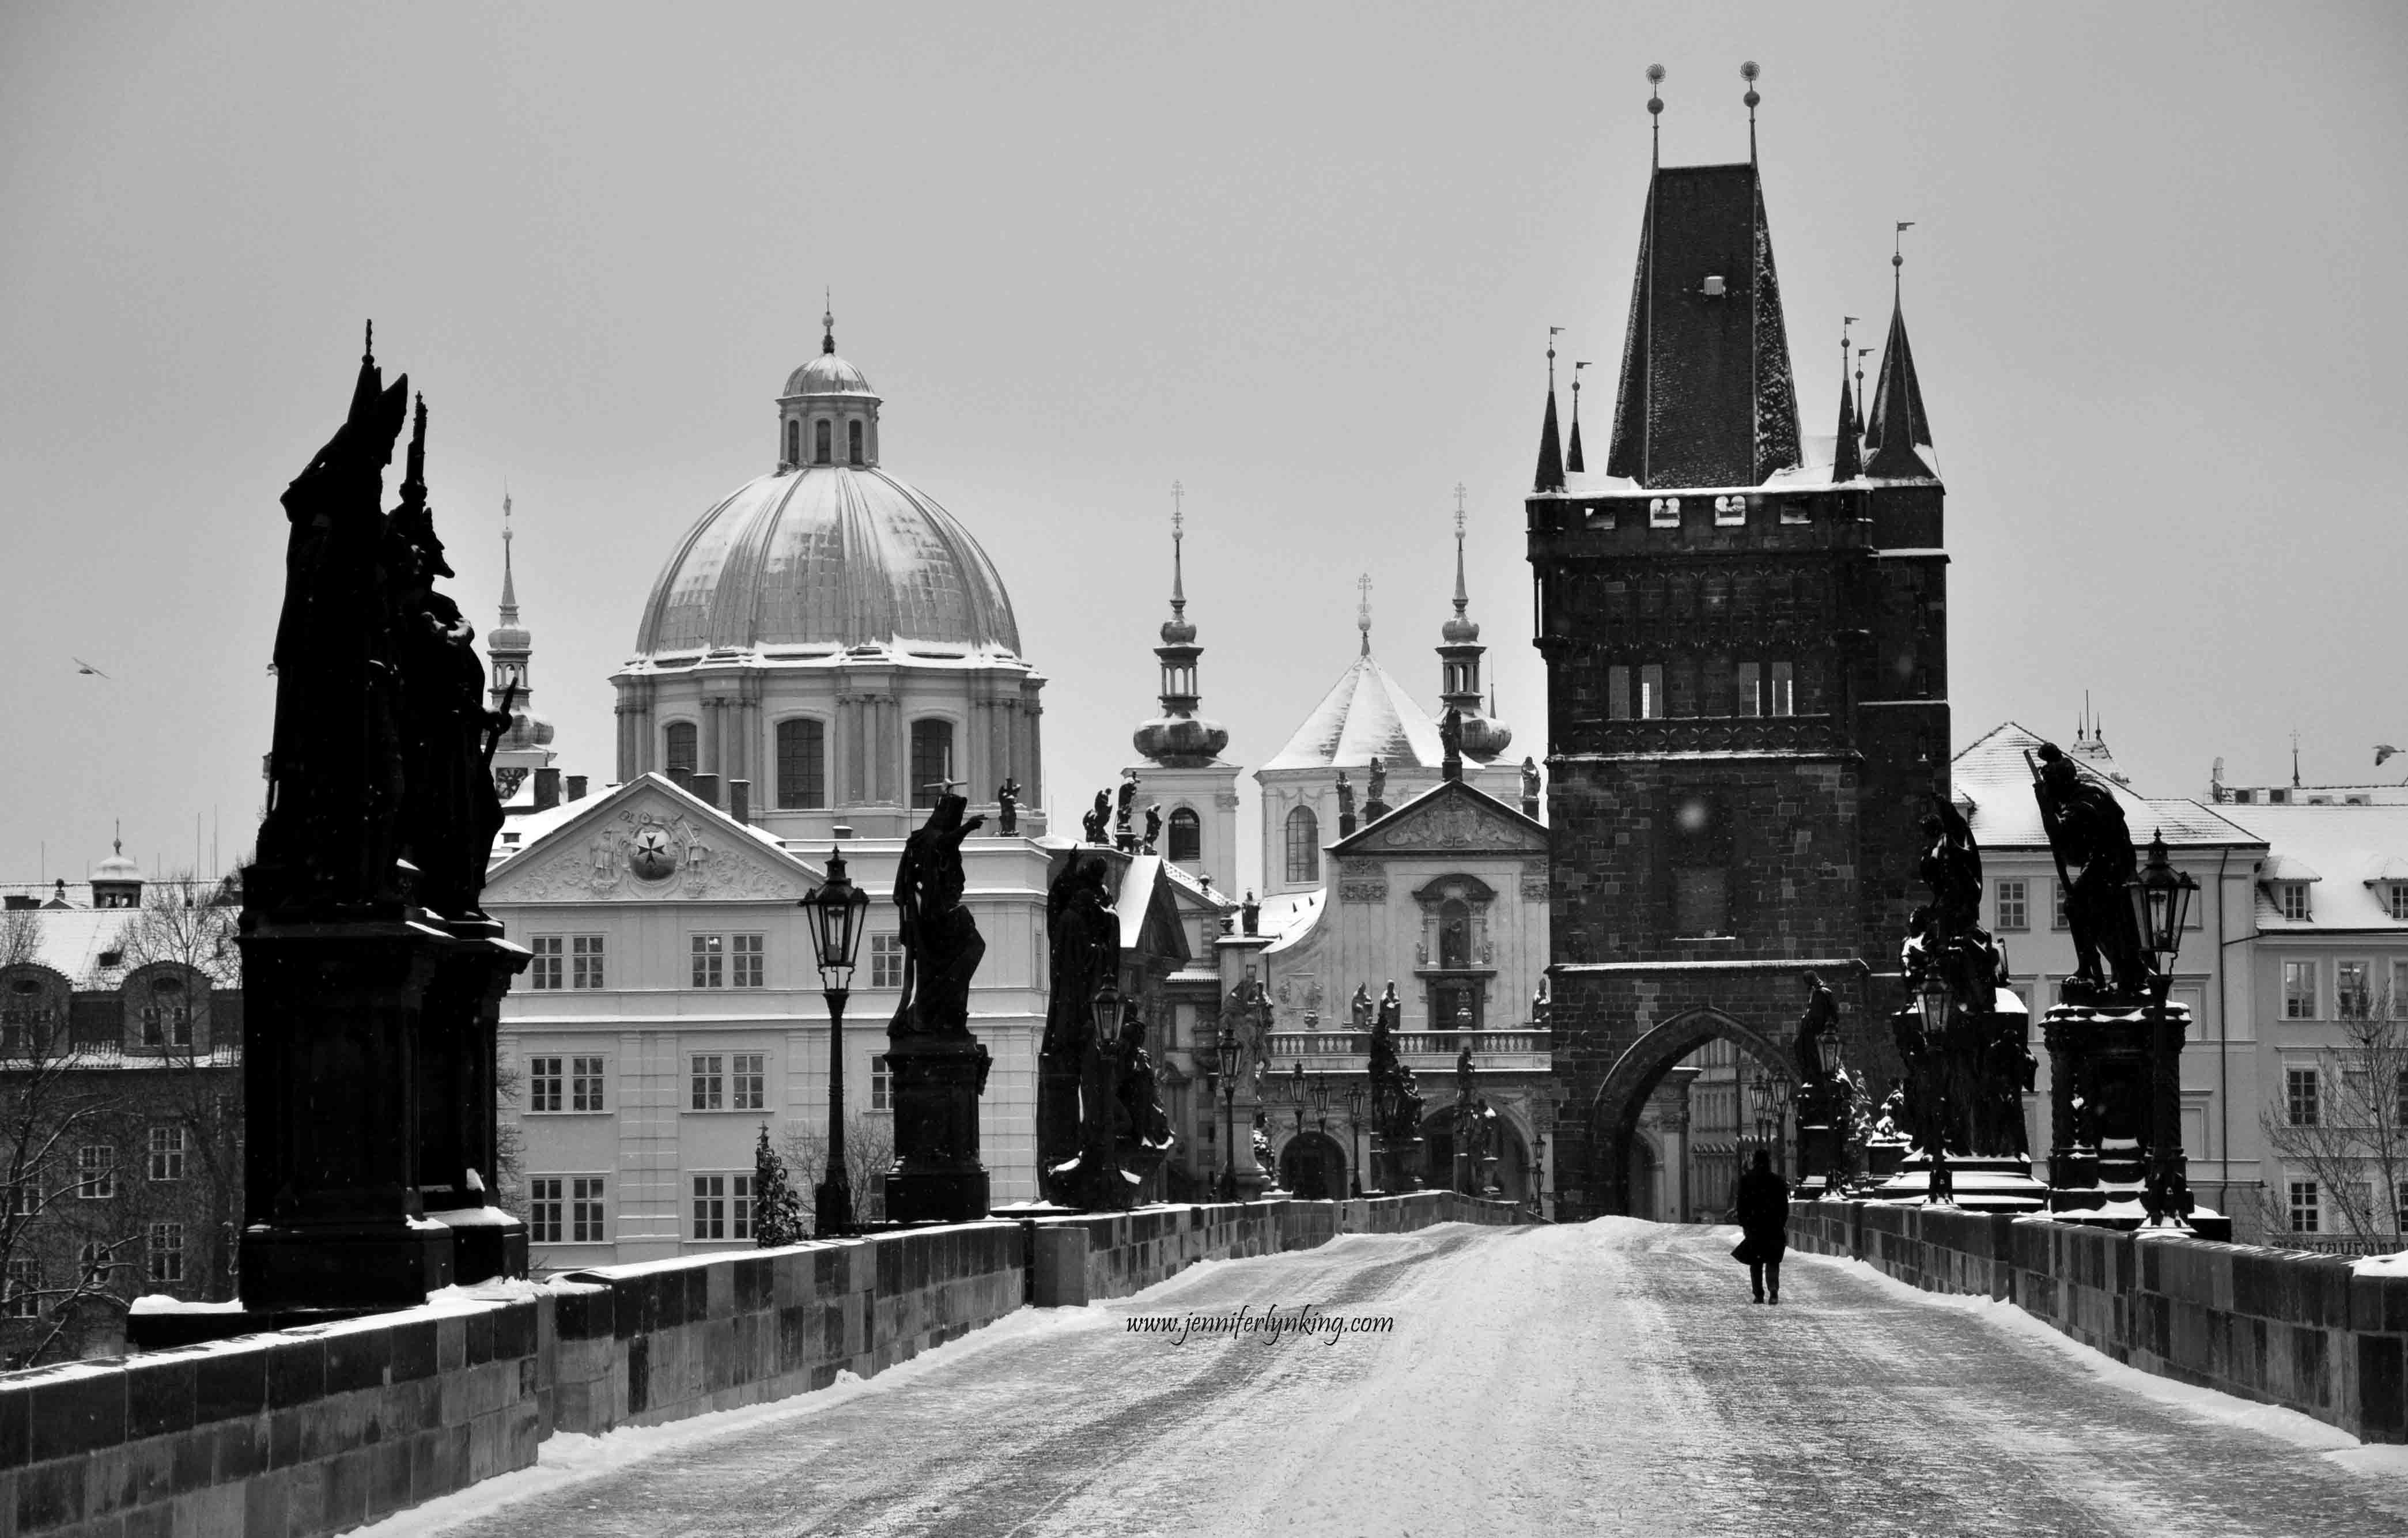 Prag black and white